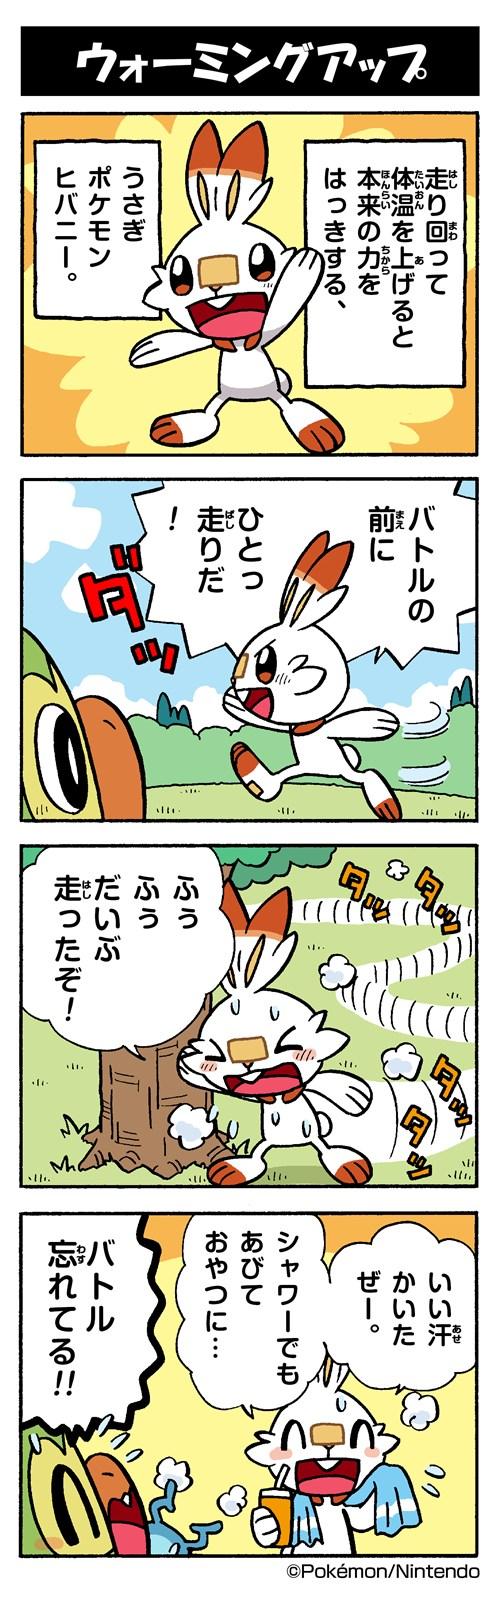 ヒ バニー ポケモン